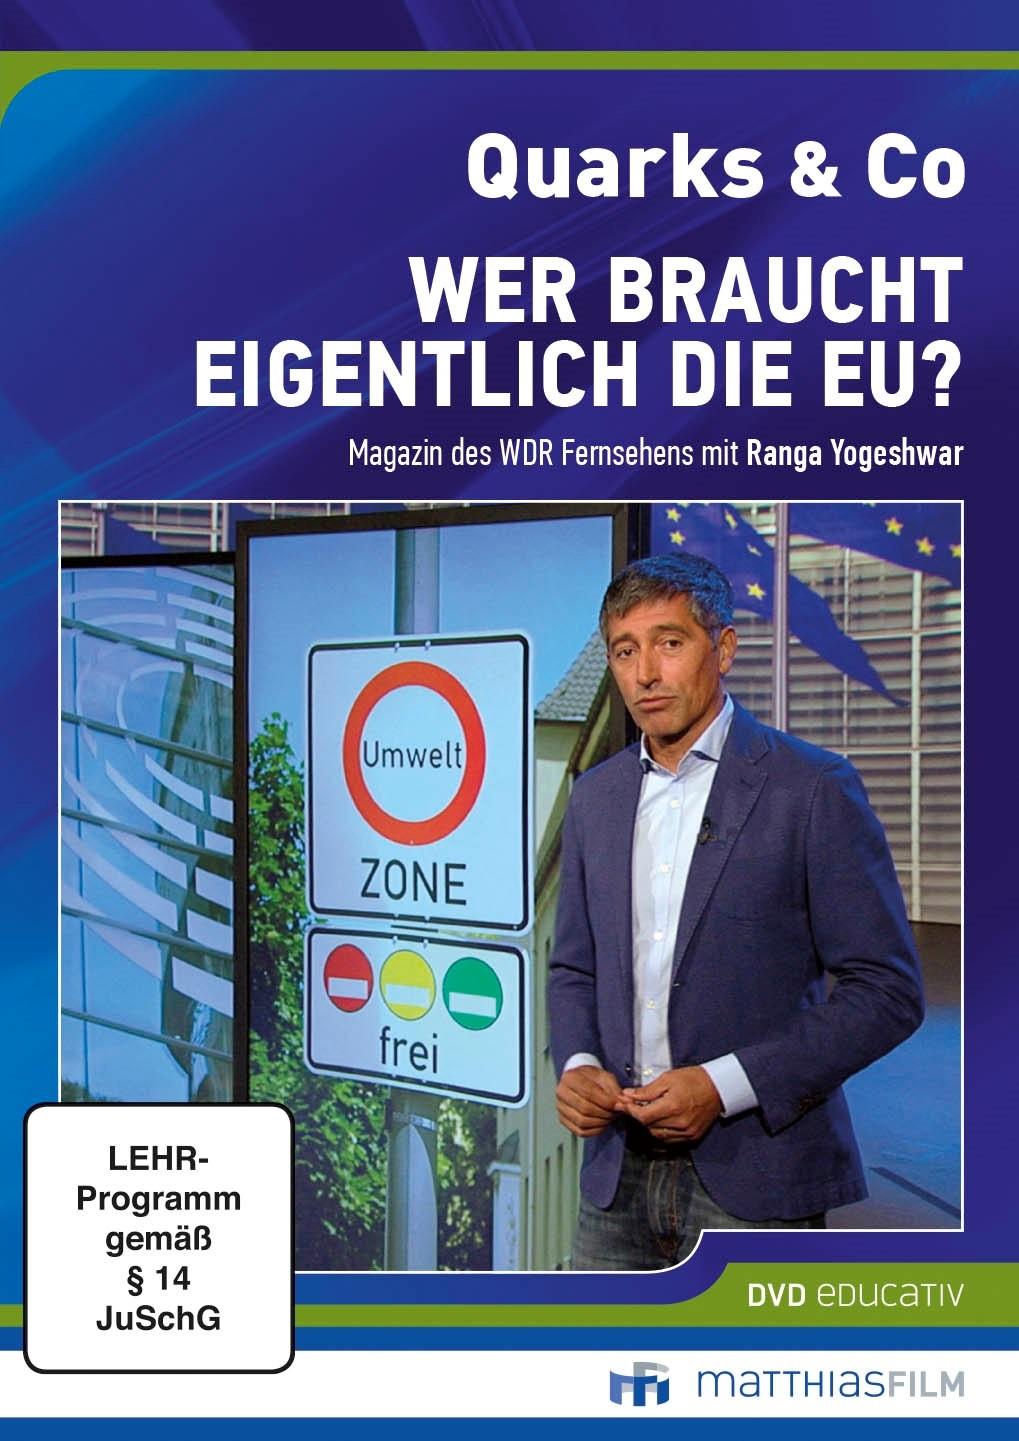 Wer braucht eigentlich die EU